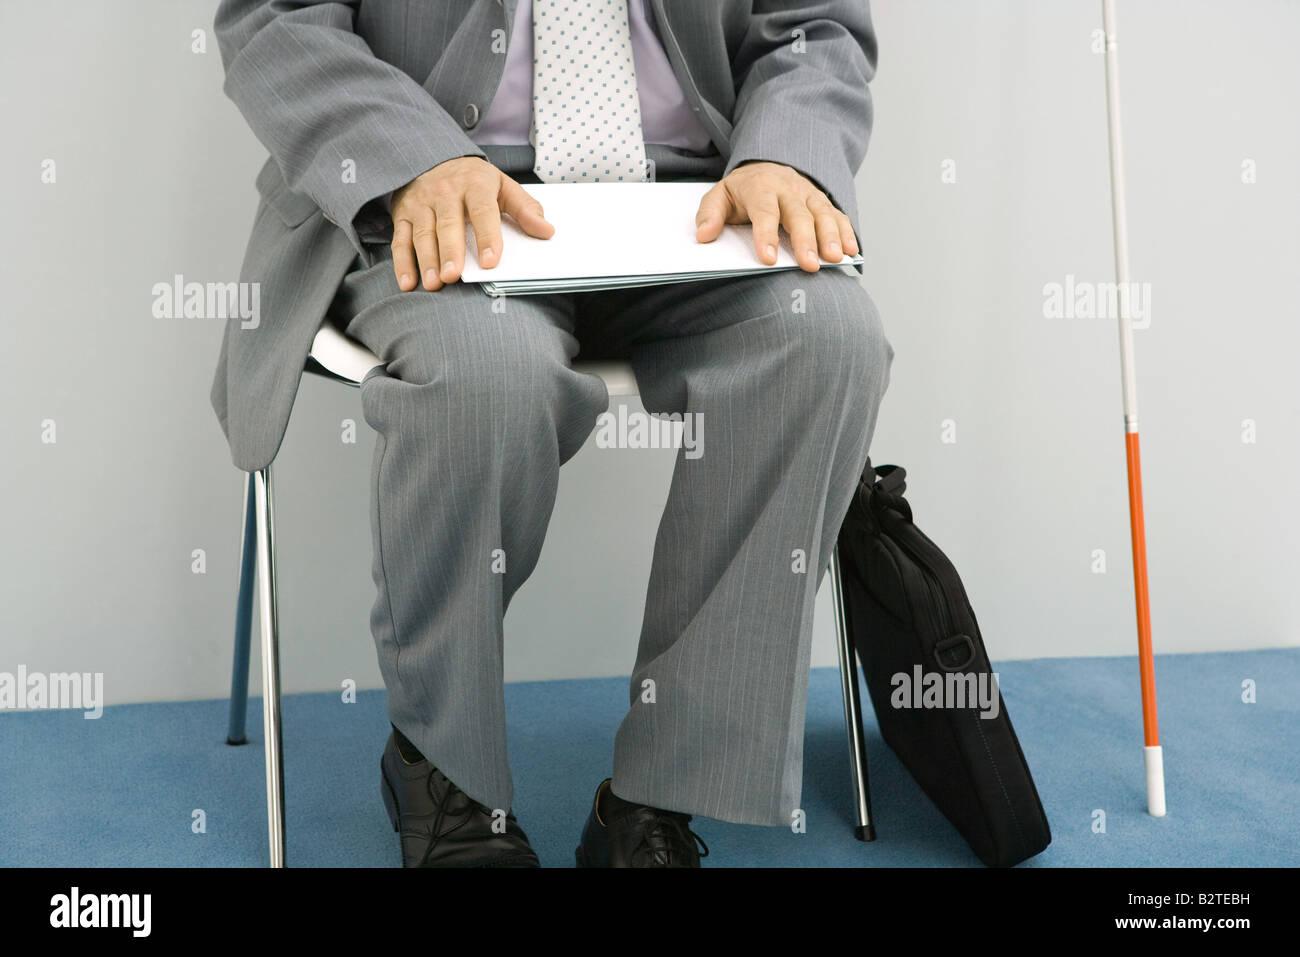 Businessman sitting in chair, soutenu de la canne blanche à côté de lui, tenant le document, cropped Banque D'Images